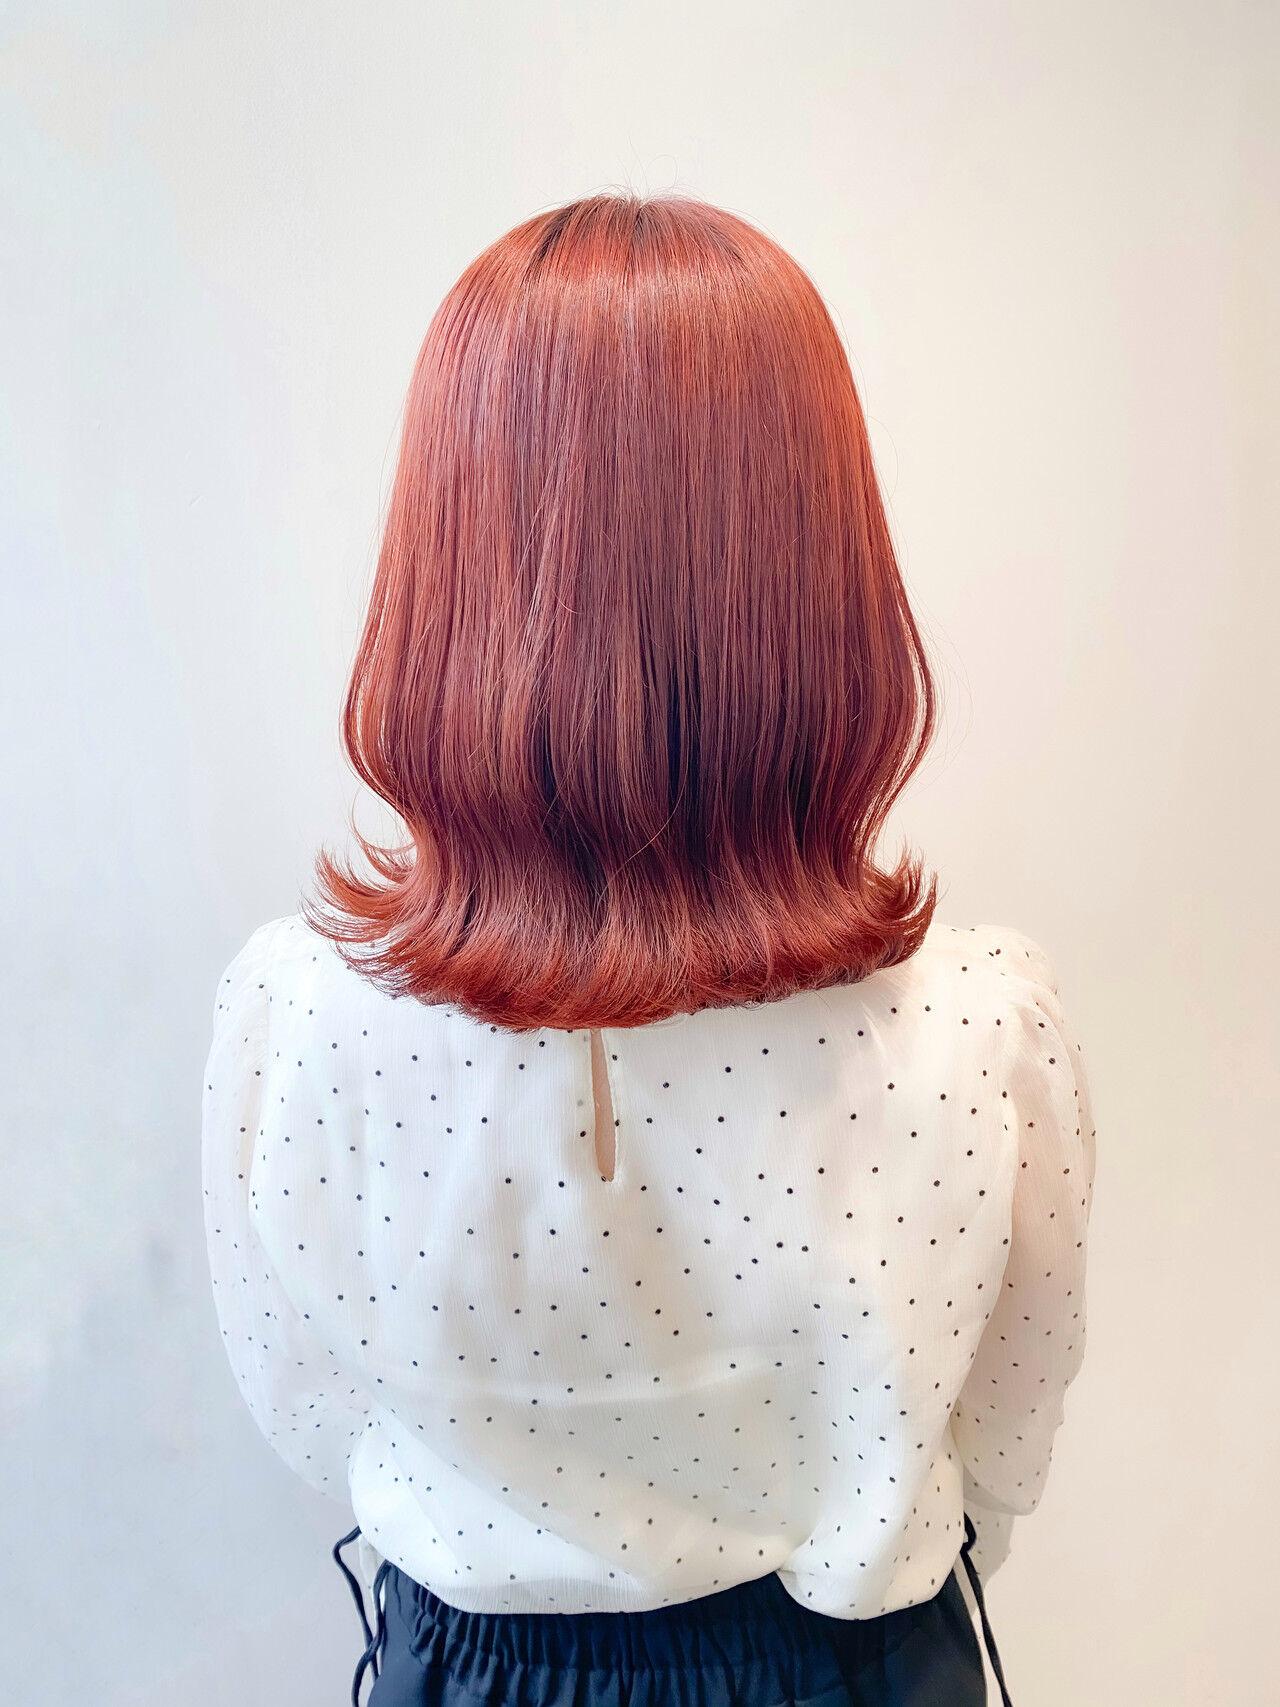 ブリーチなし オレンジ ミディアム ナチュラルヘアスタイルや髪型の写真・画像